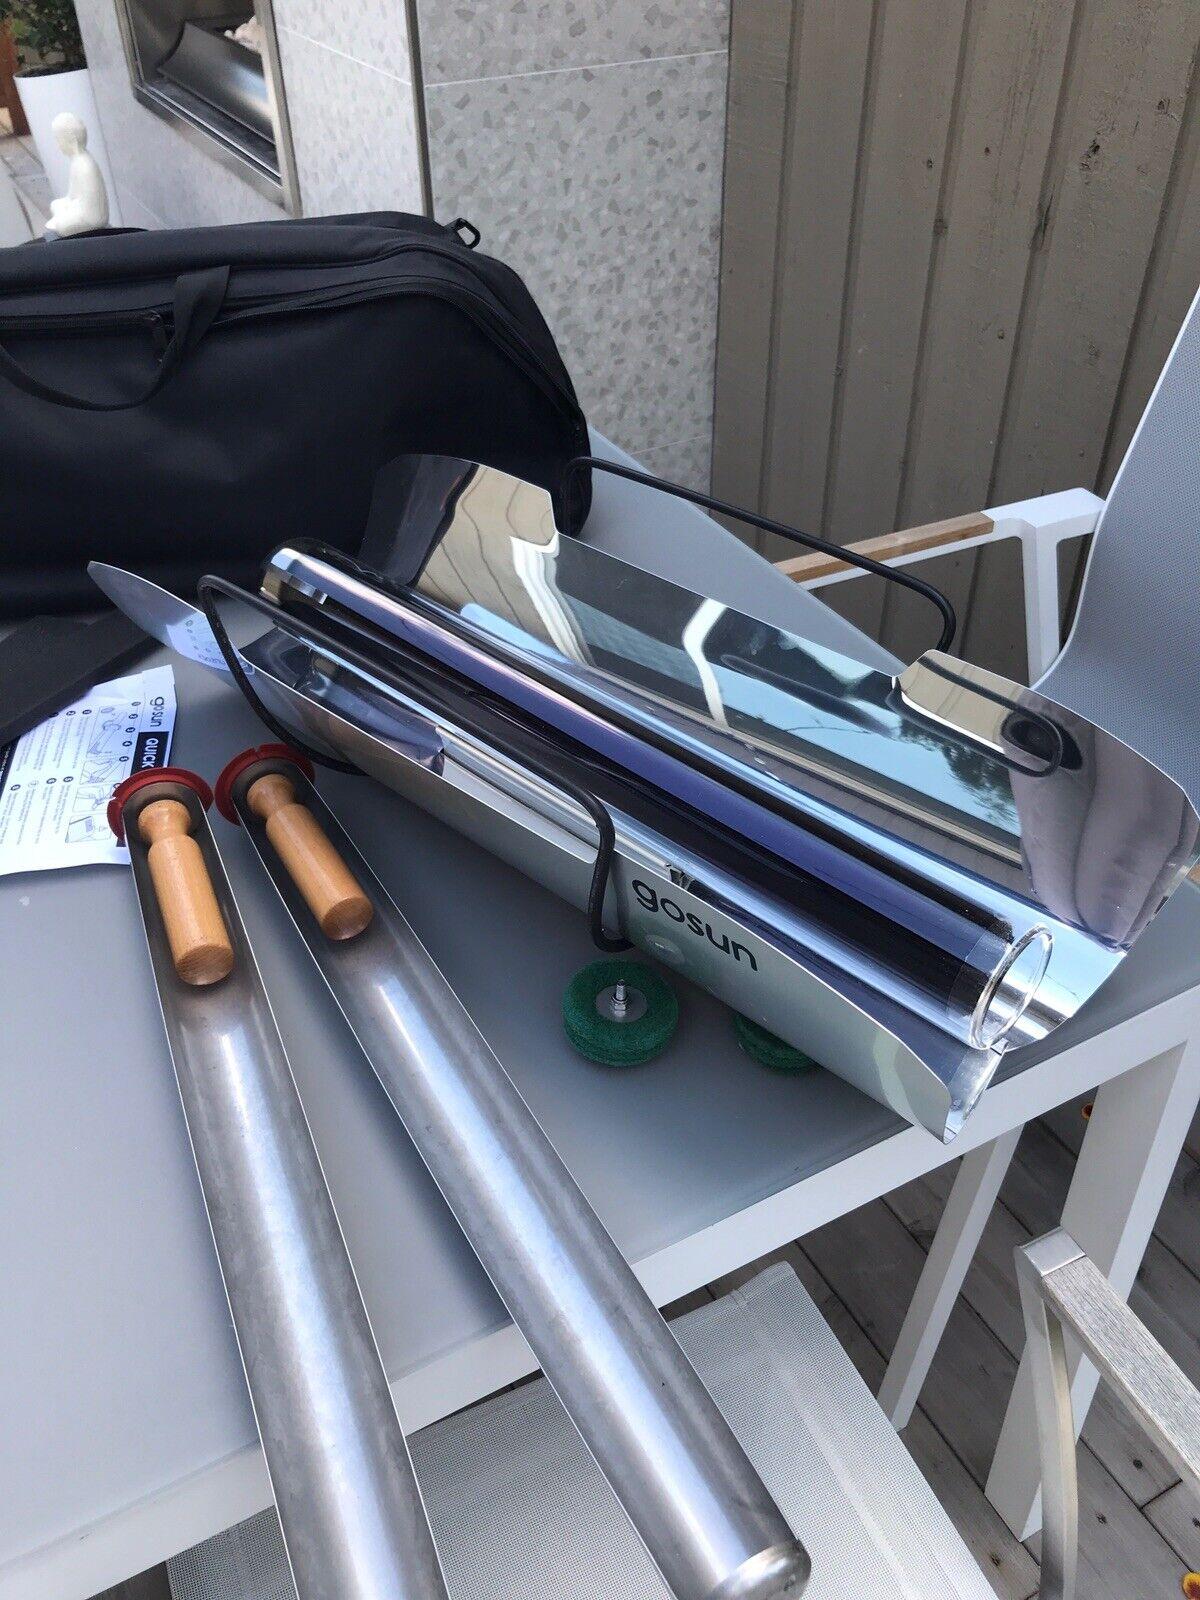 GoSun Stove Portable Solar BBQ mit Tragetasche.Sanft eingesetzt (sieht brandneu aus)